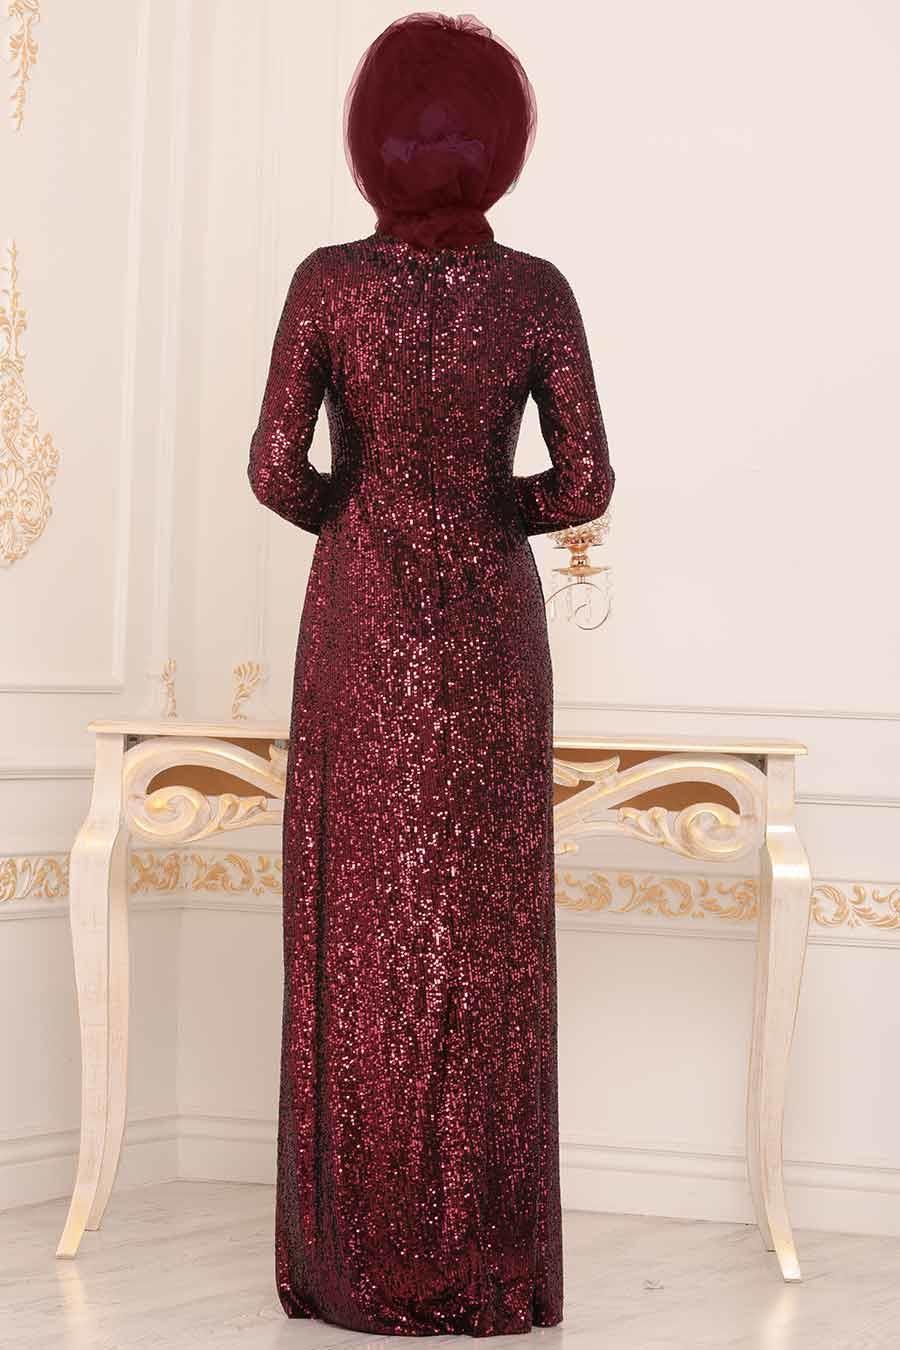 Tesettürlü Abiye Elbise - Pul Payetli Bordo Tesettür Abiye Elbise 86010BR